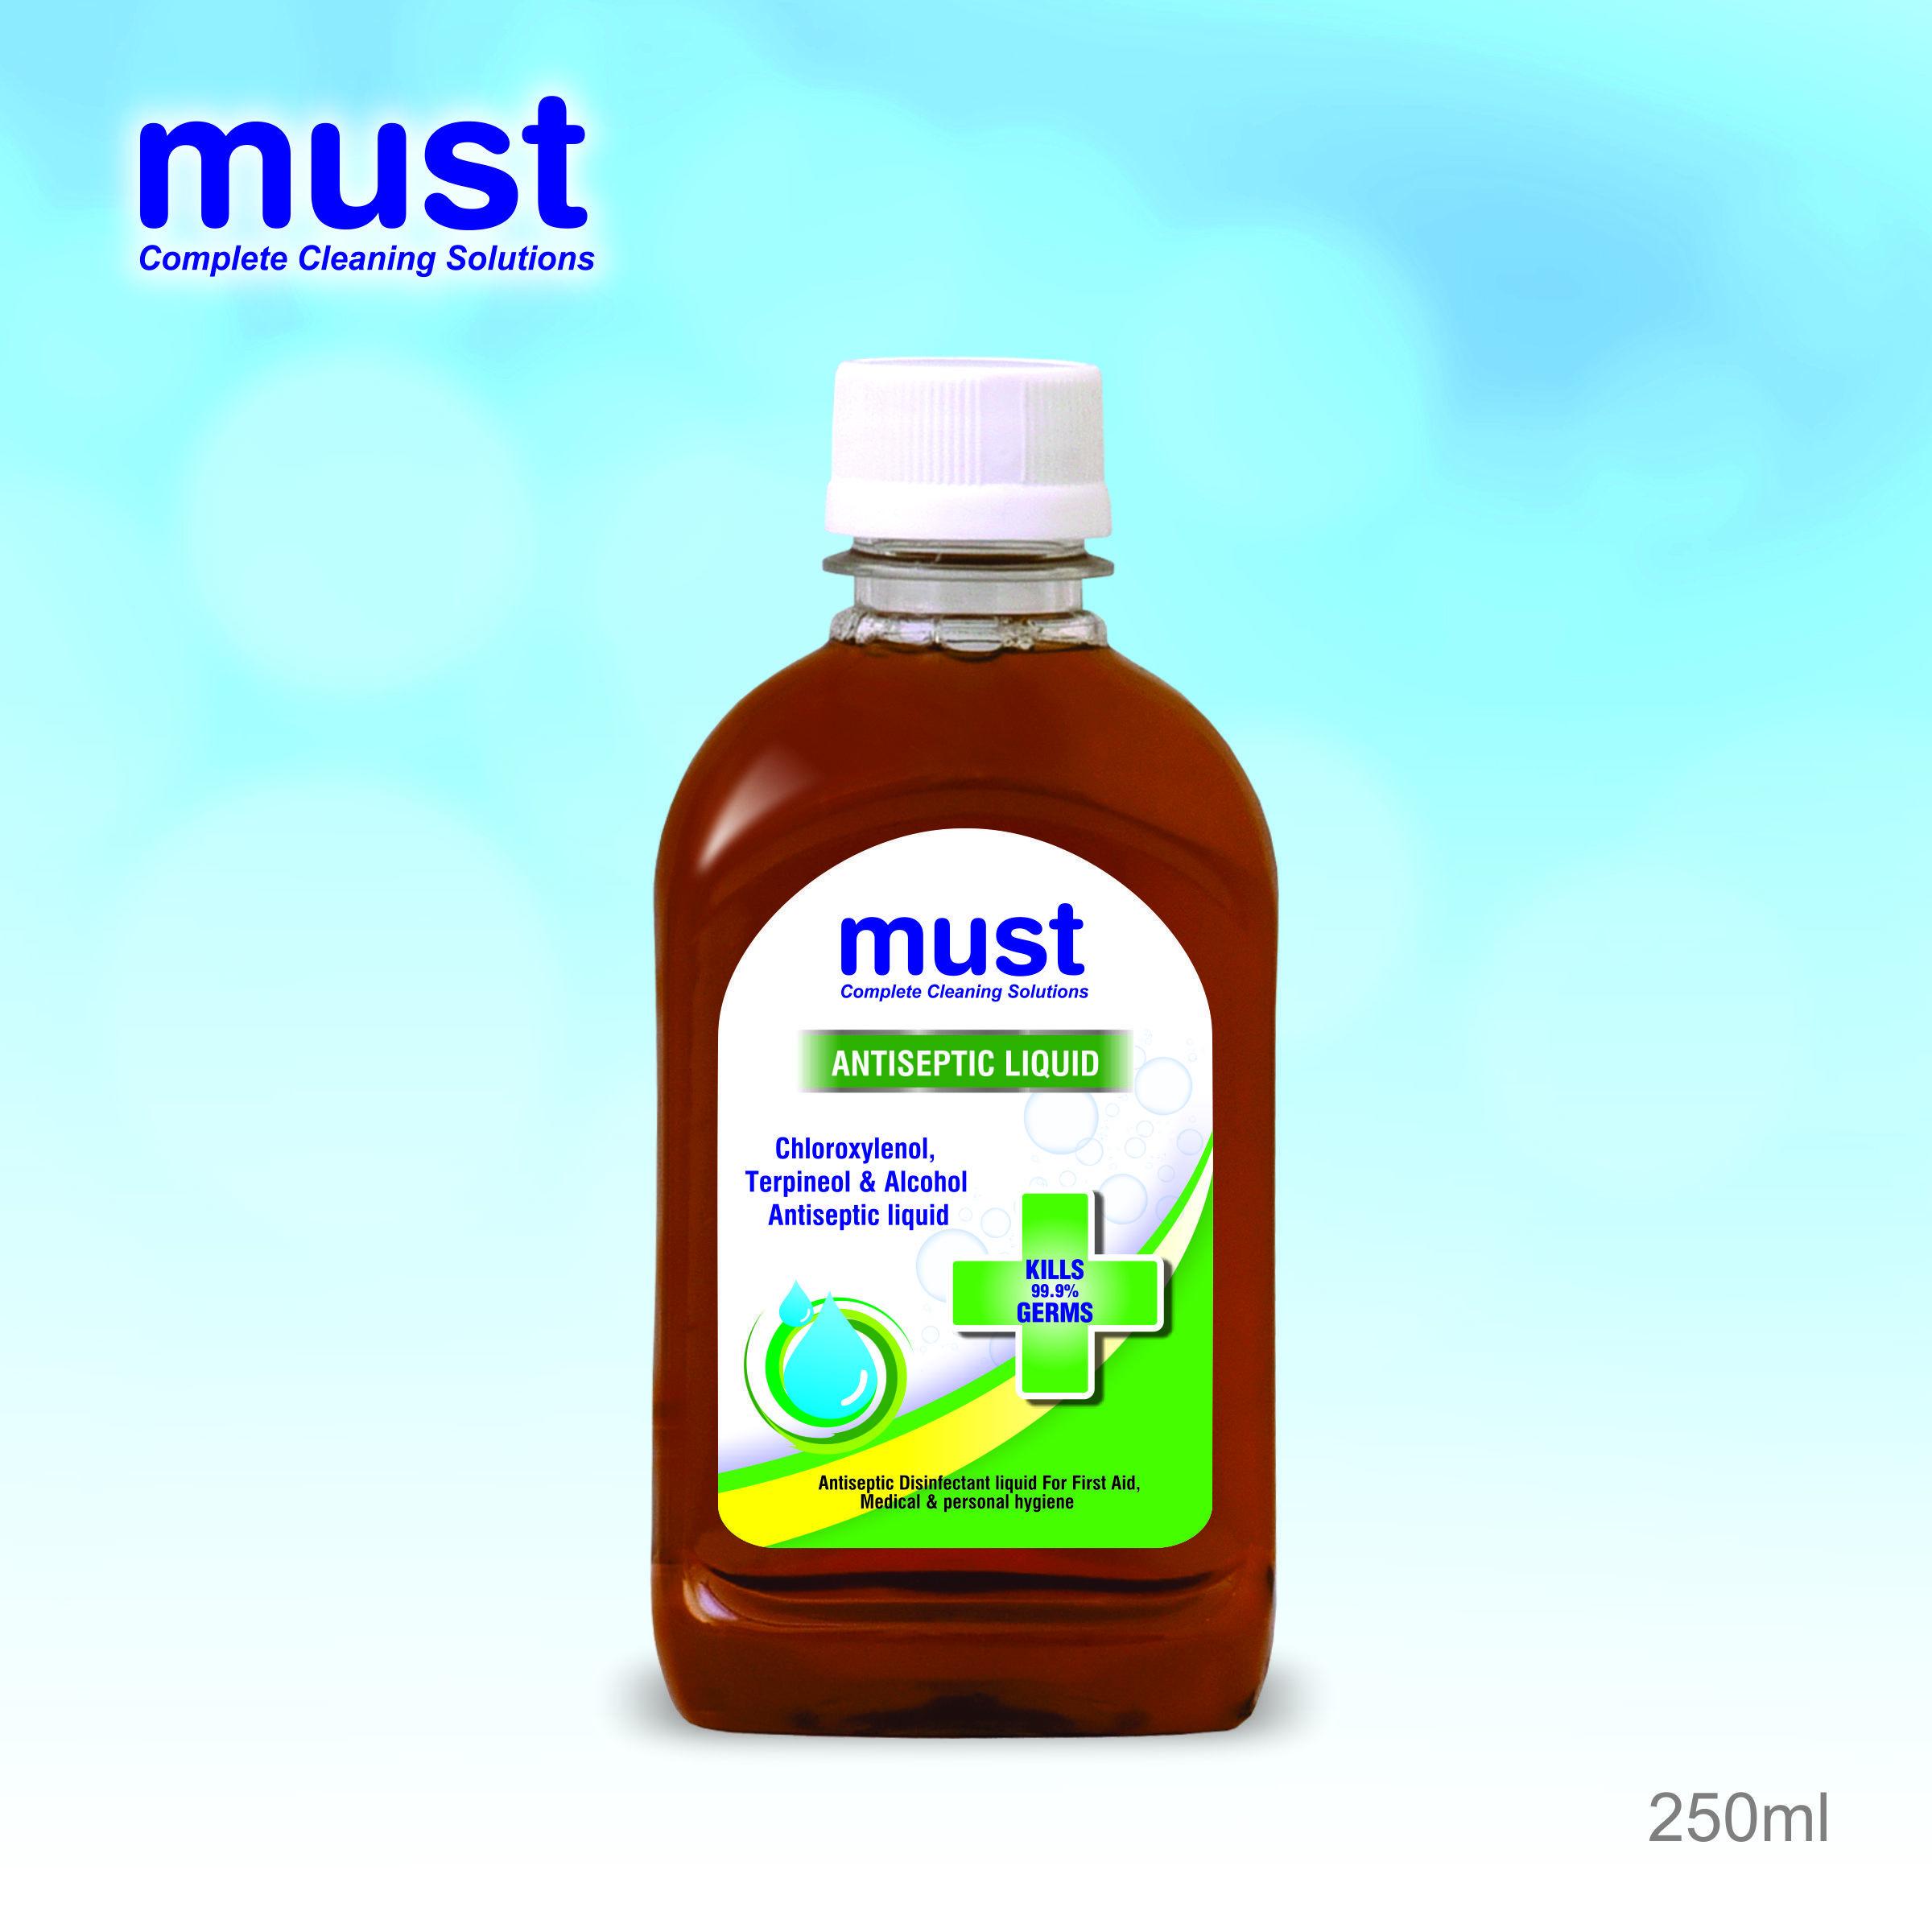 Must Antiseptic Liquid